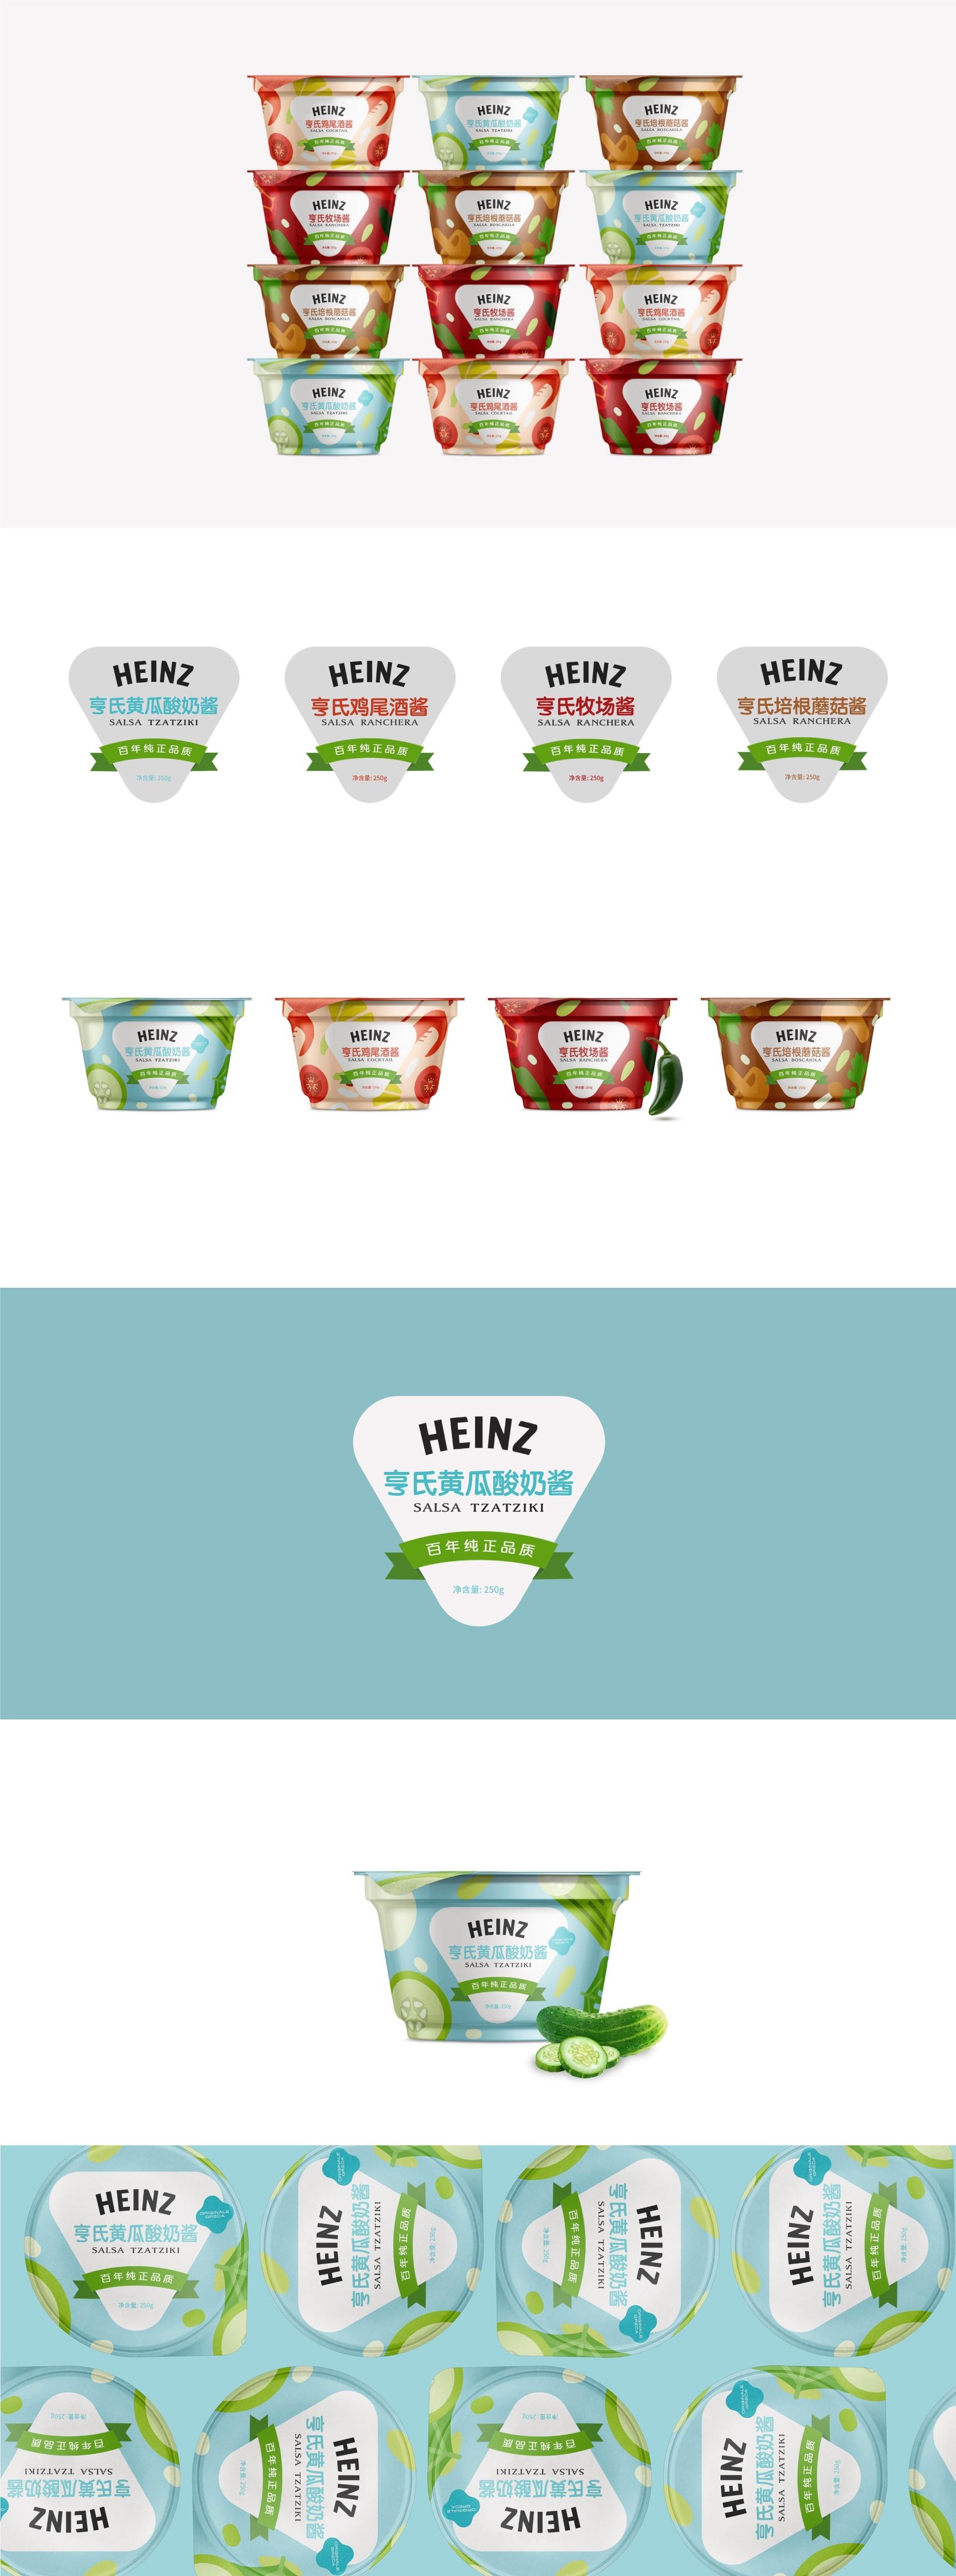 亨氏调味酱-食品包装设计